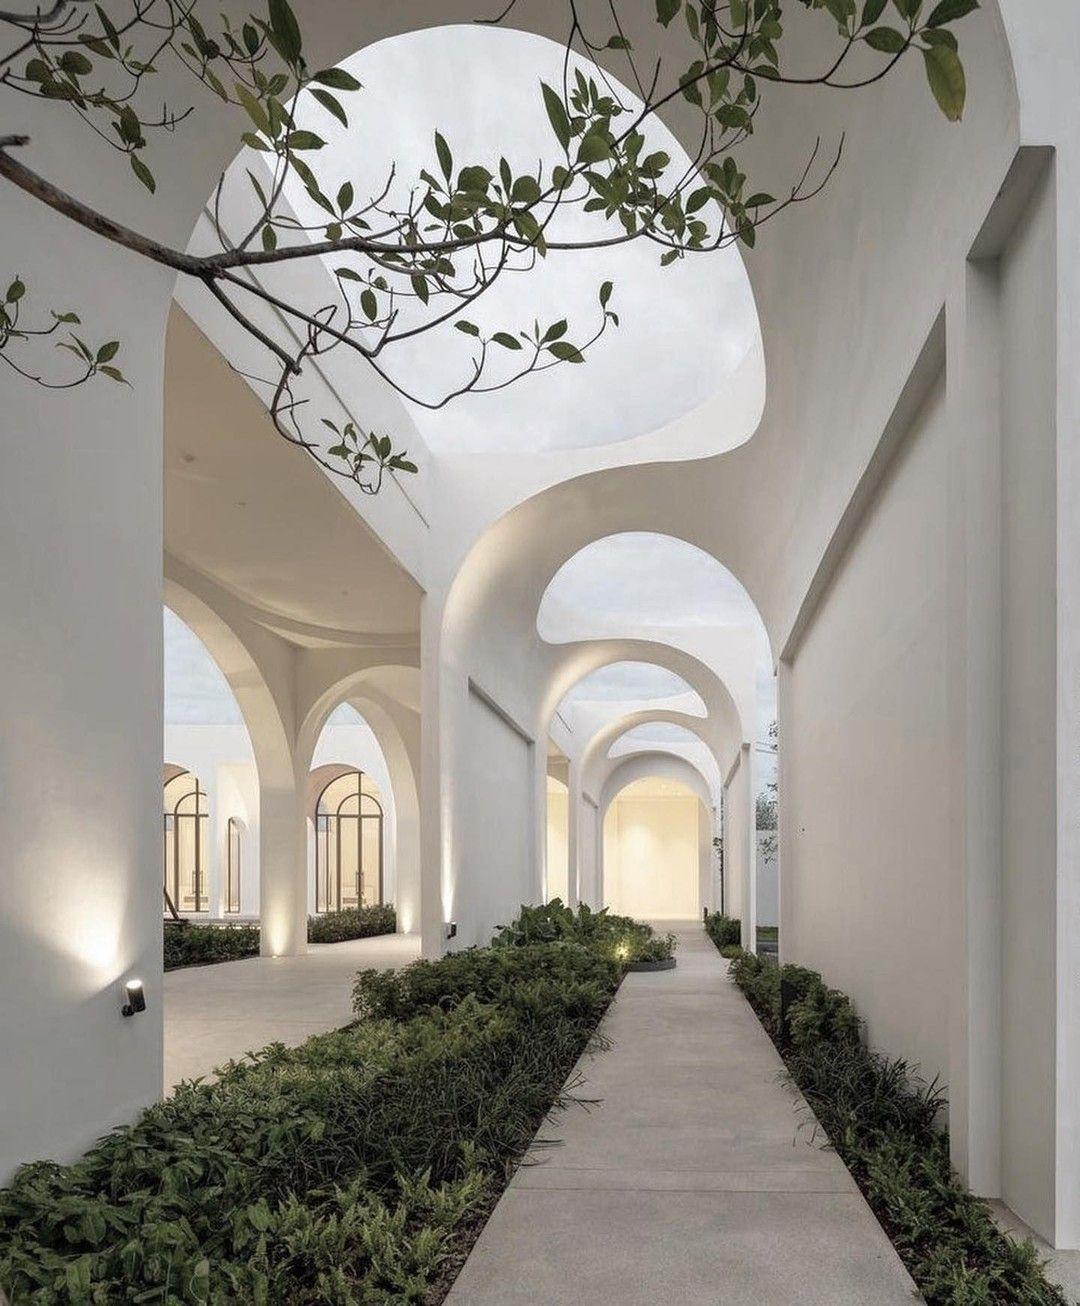 Interior Design Addict Daily Inspiration In 2020 Amazing Architecture Exterior Design Architecture Design